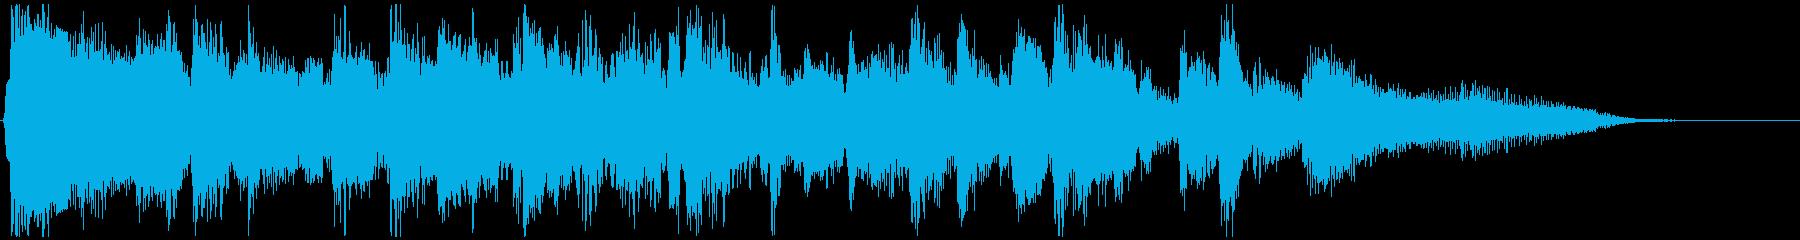 スタイリッシュなジャズジングル◆10秒の再生済みの波形